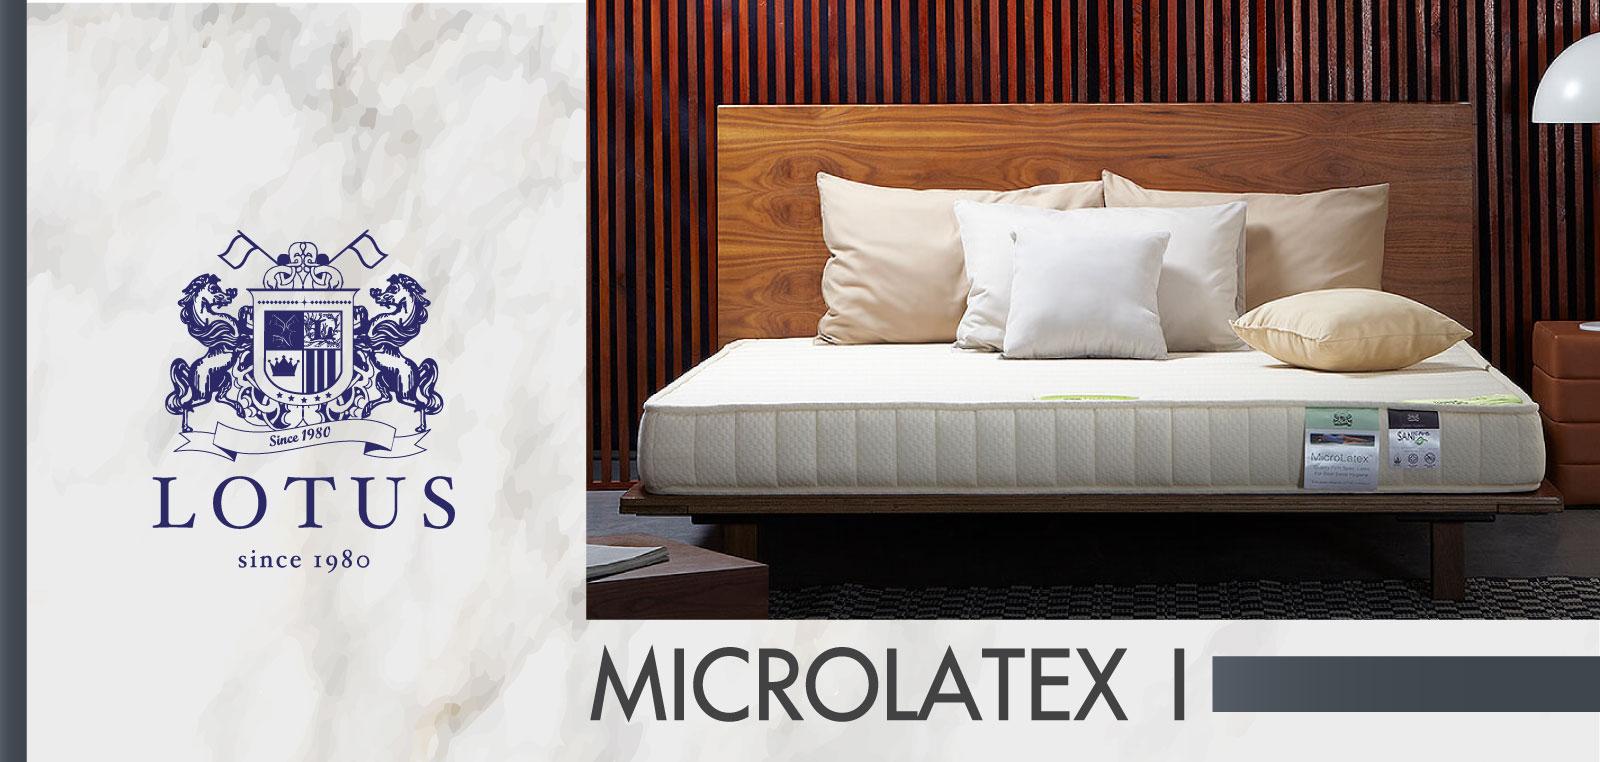 ที่นอน Lotus รุ่น Microlatex I